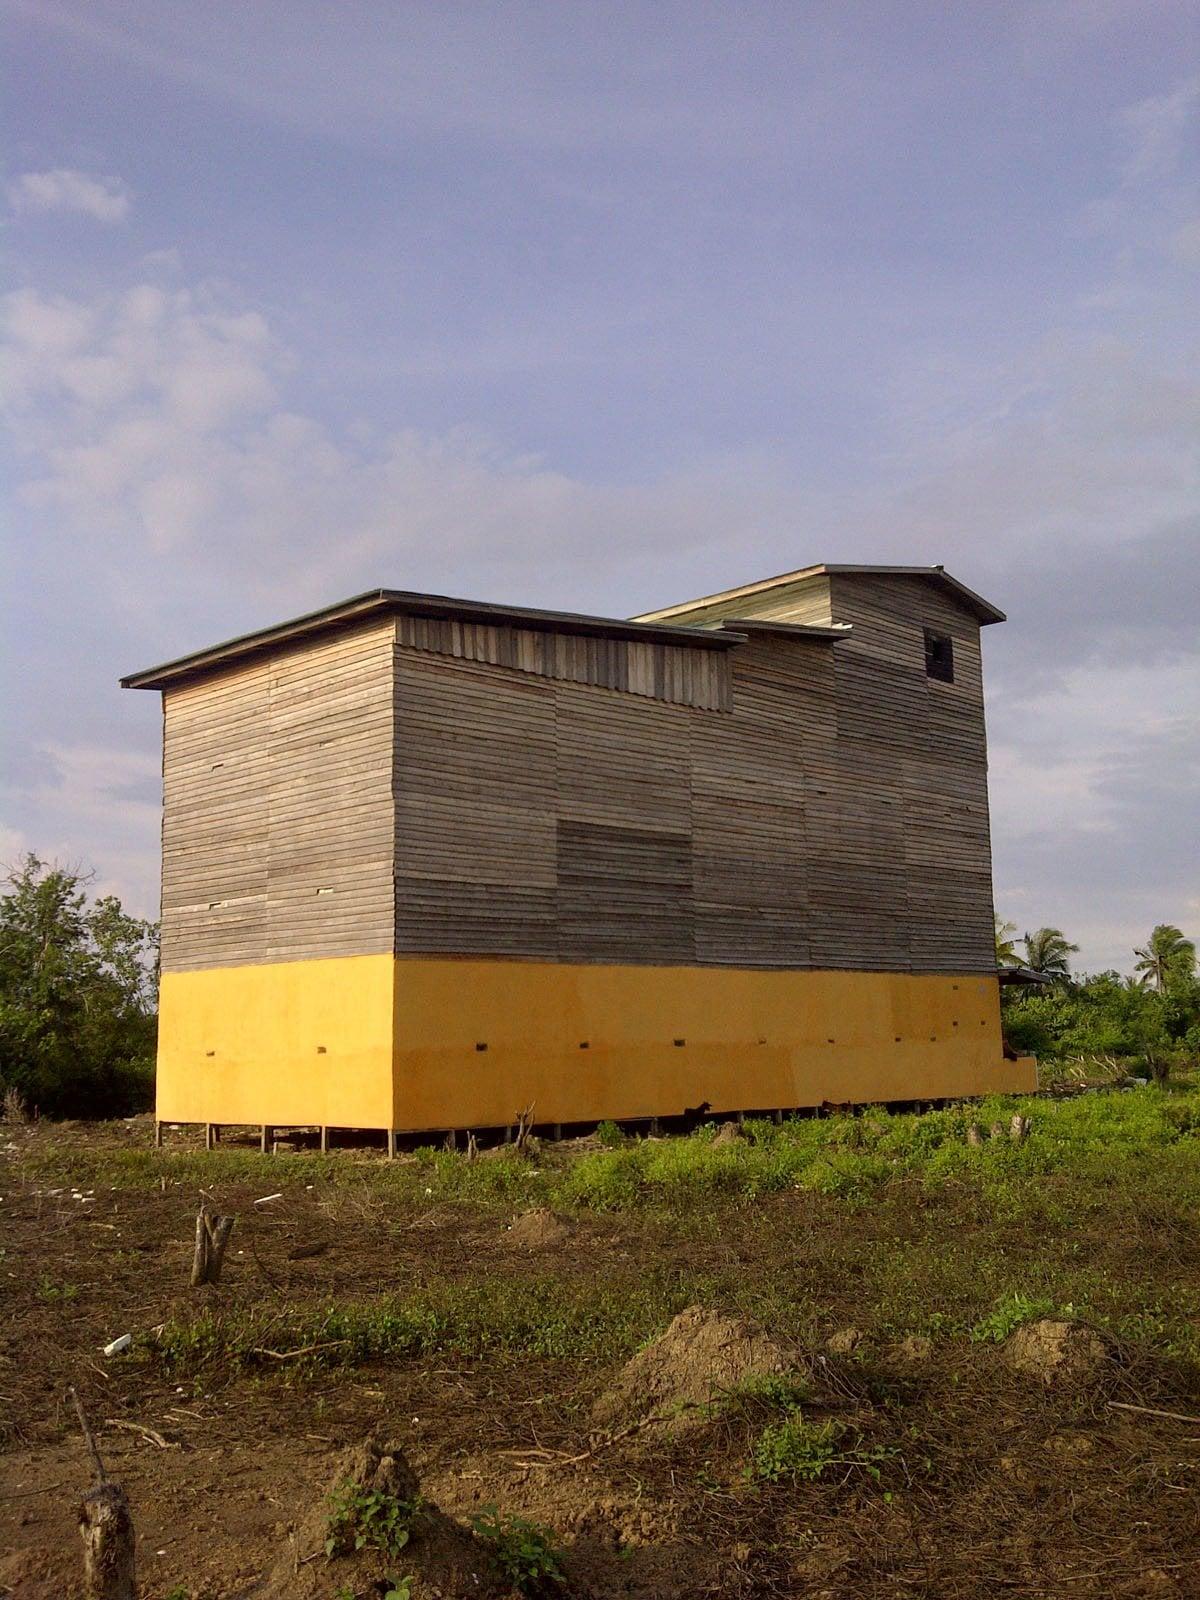 58 Ragam Desain Rumah Walet 4x6 Terbaru Dan Terbaik Deagam Design